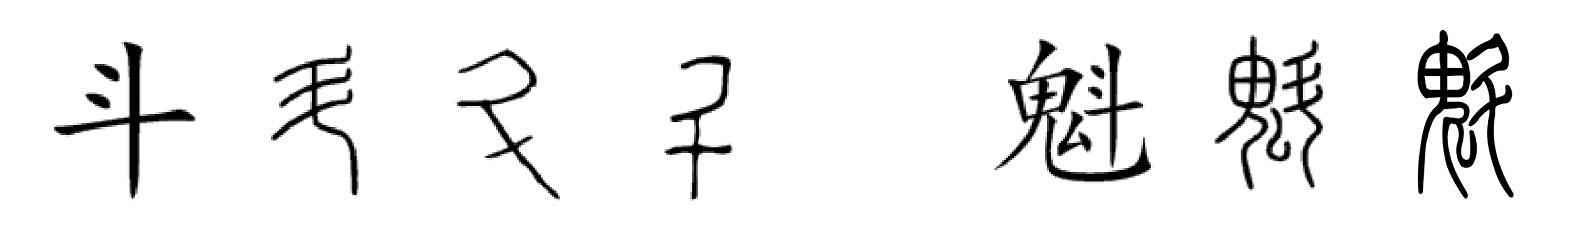 """【稽古探源】""""玉戉""""与""""铜钺""""起源考(六) - 尚古玉 - 尚古玉"""